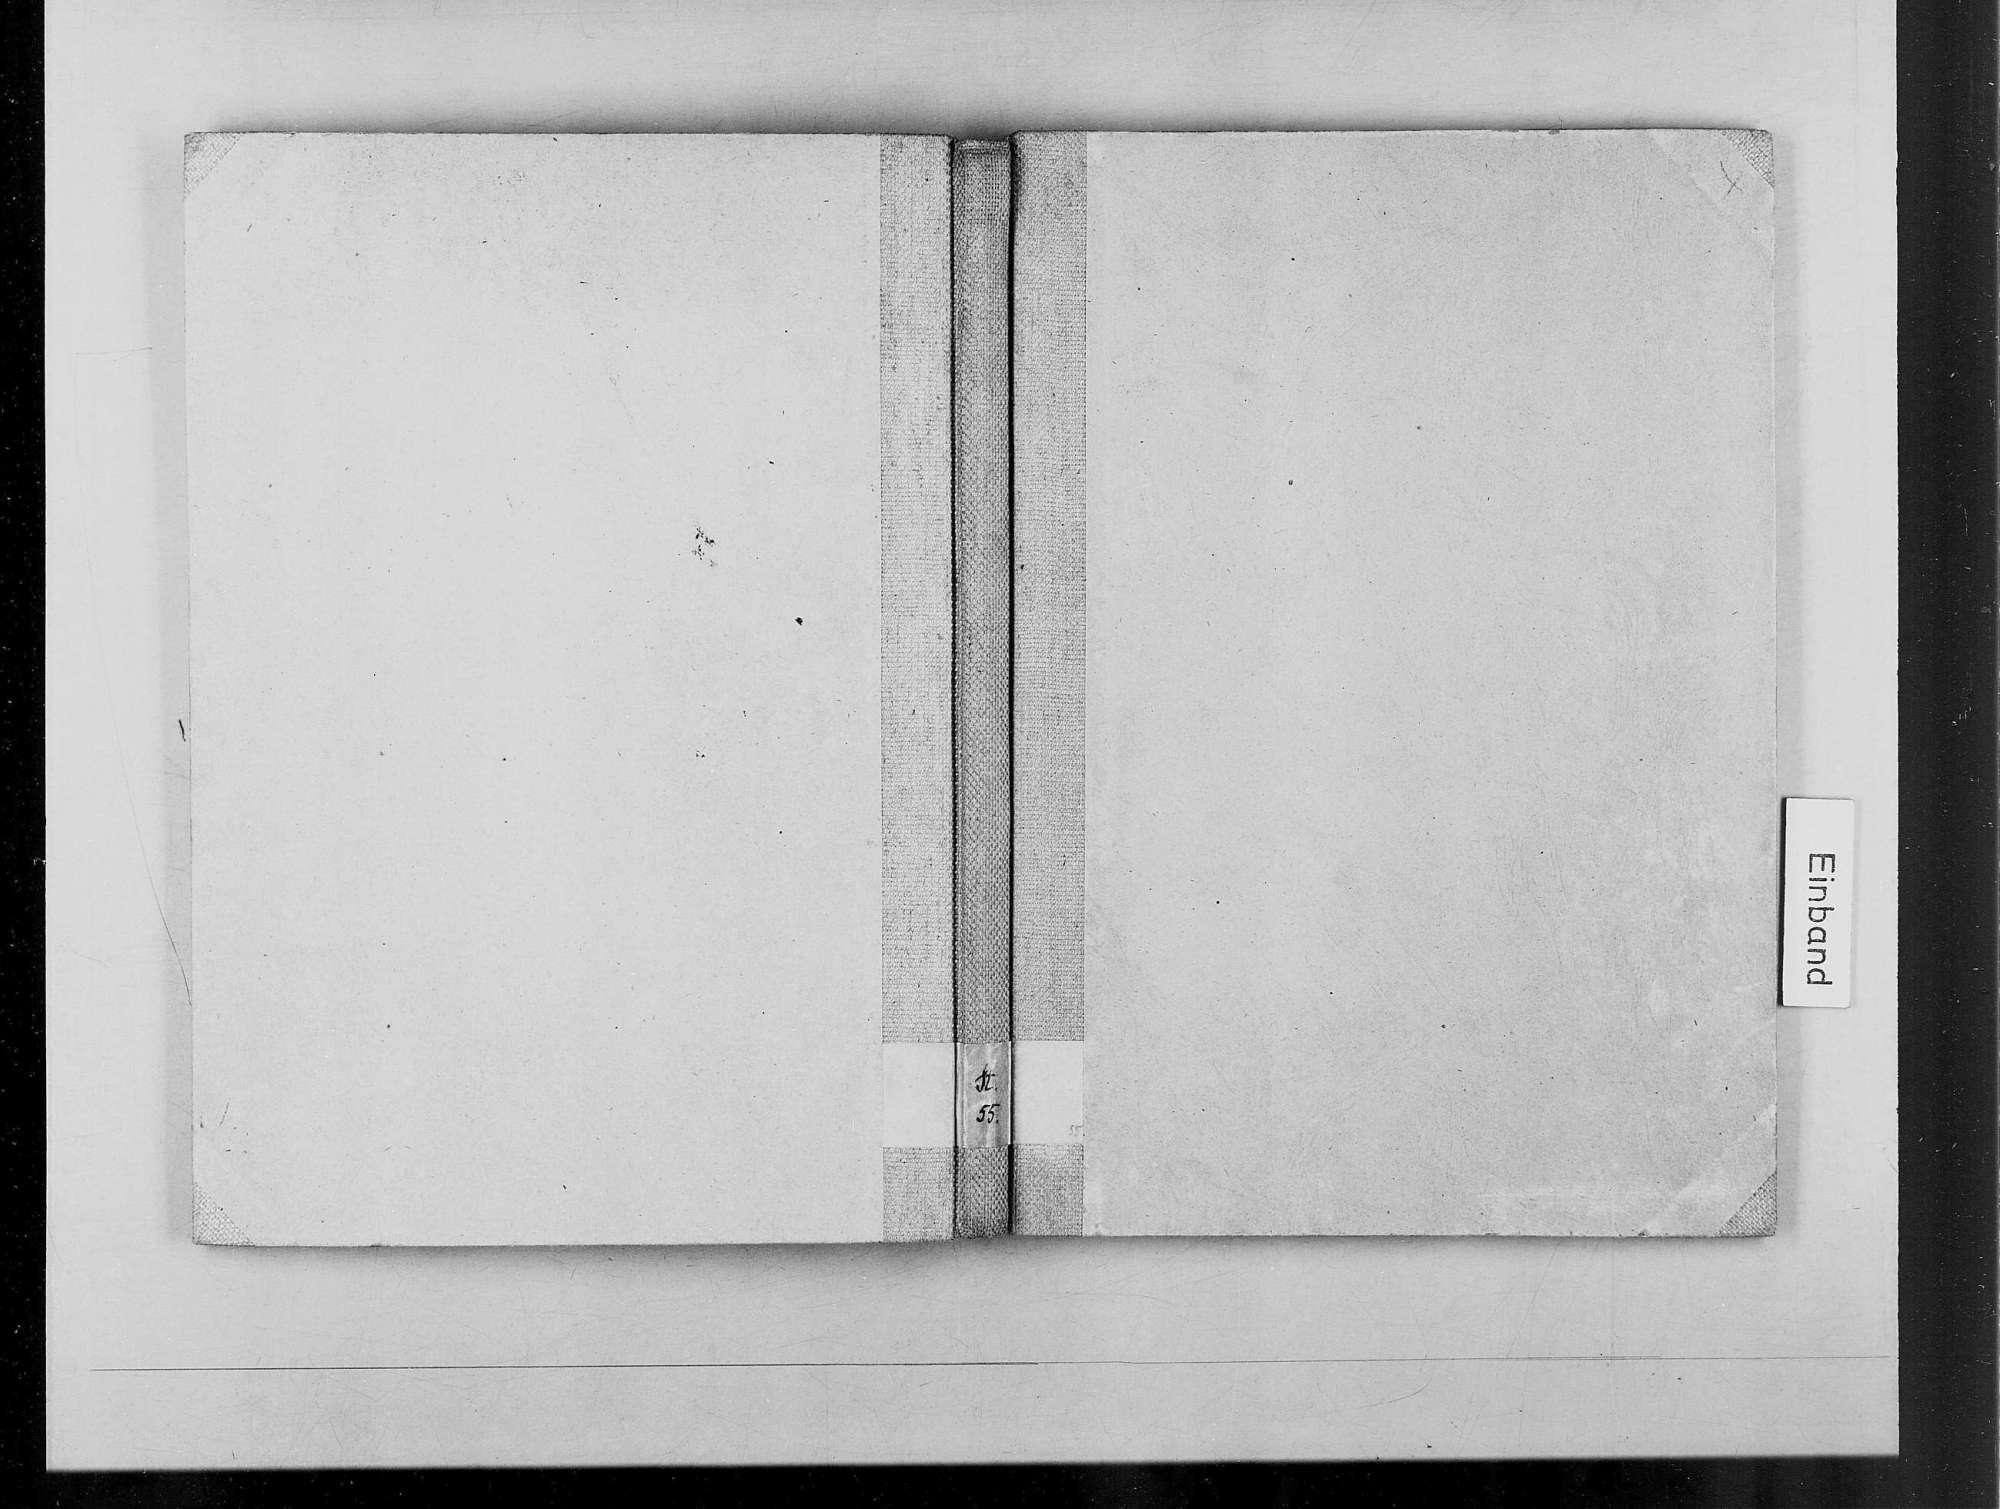 Kl. Lorch und Adelberg, Bild 1